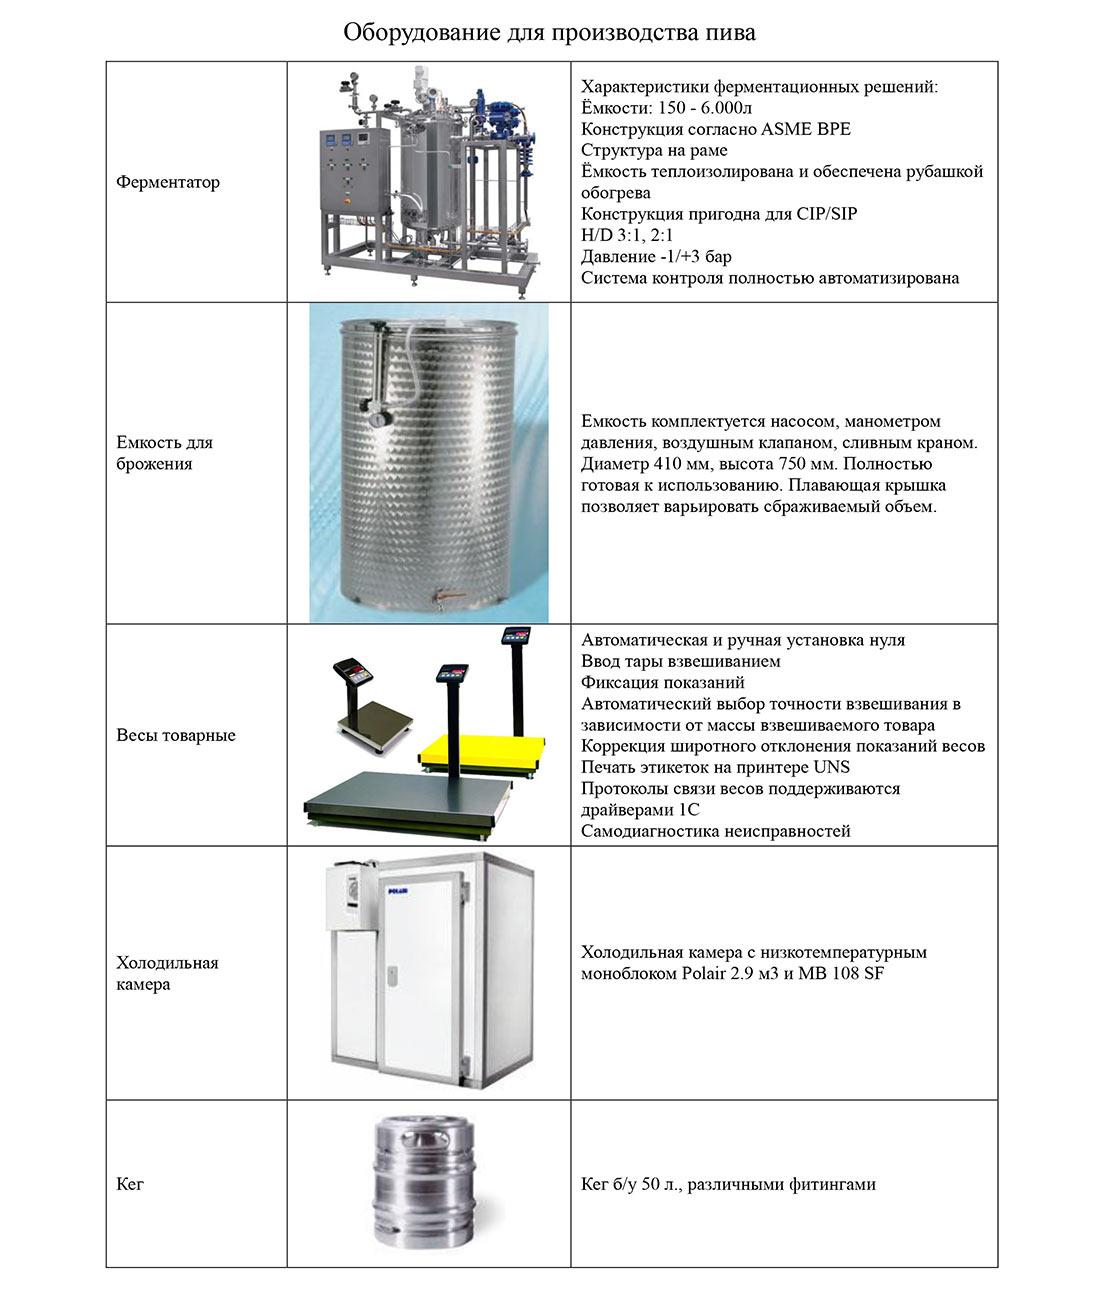 Краткий перечень оборудования для пивоварни